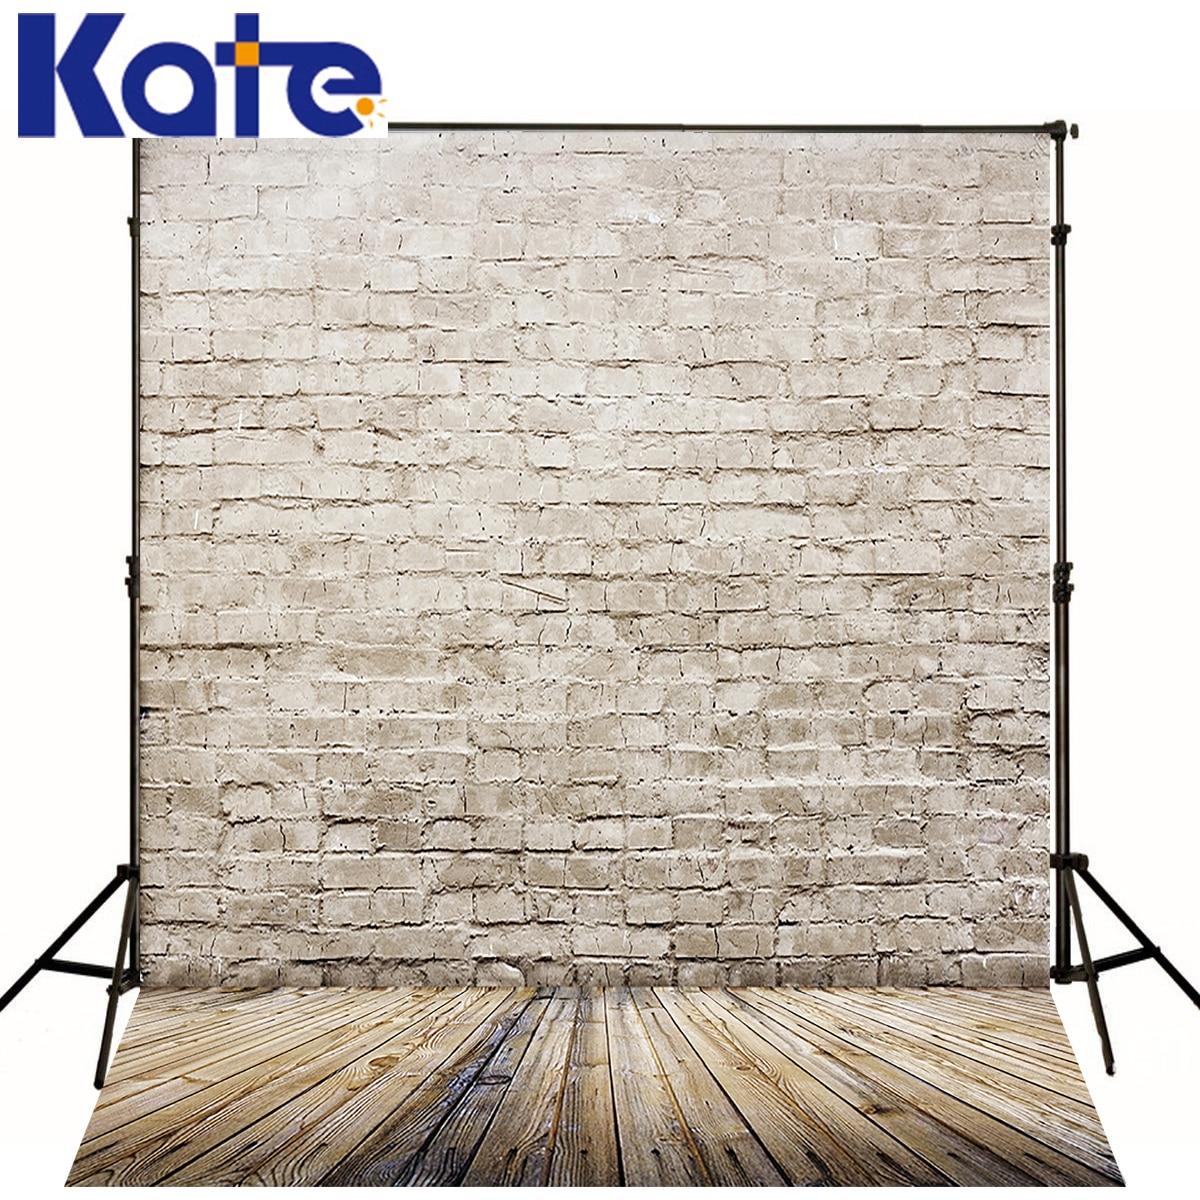 Kate nouveau-né bébé décors Photo rétro blanc brique mur Fond Studio Photo bois Texture plancher toile de Fond pour Photo Shoot